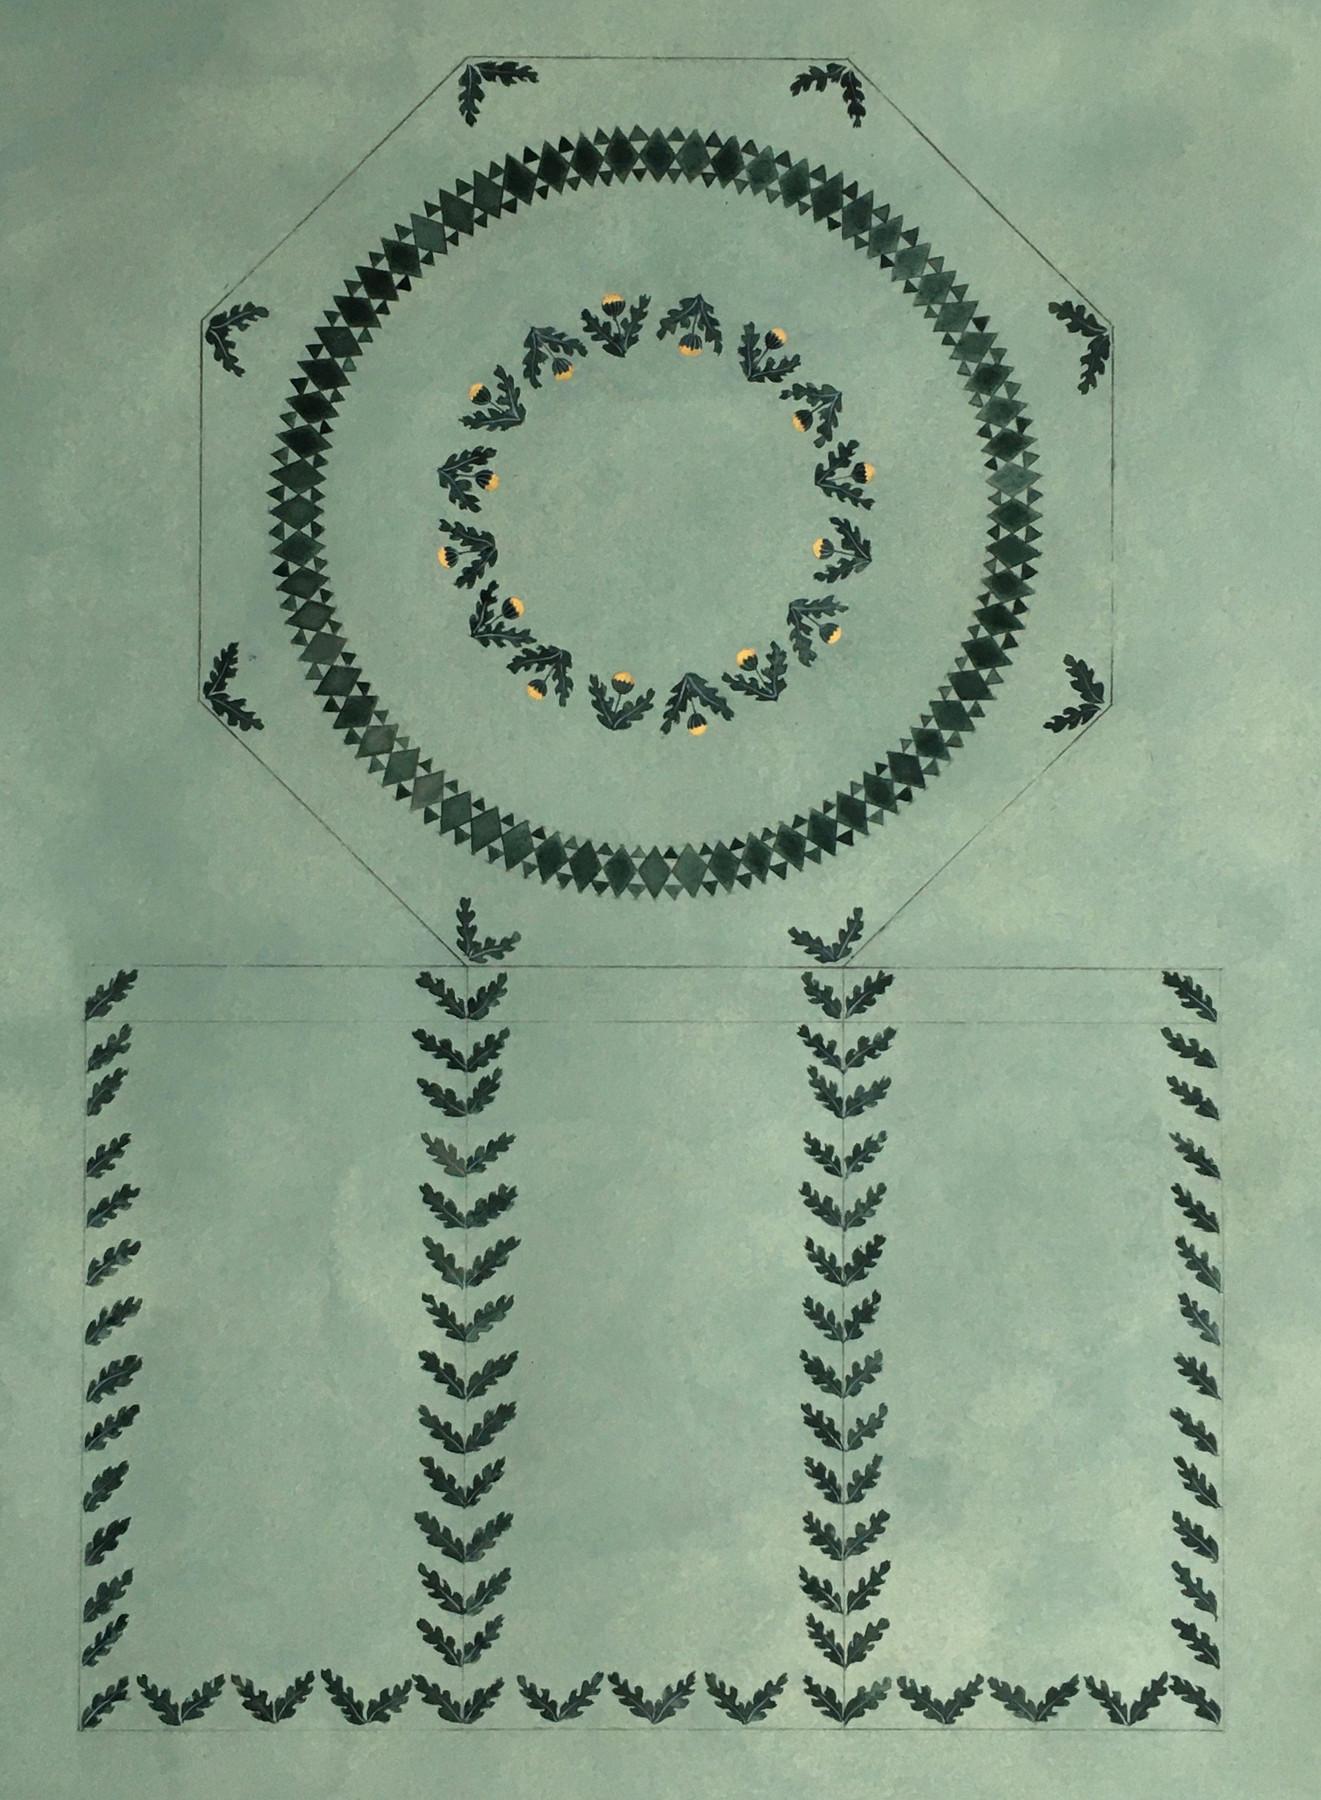 groundsel, magdalena